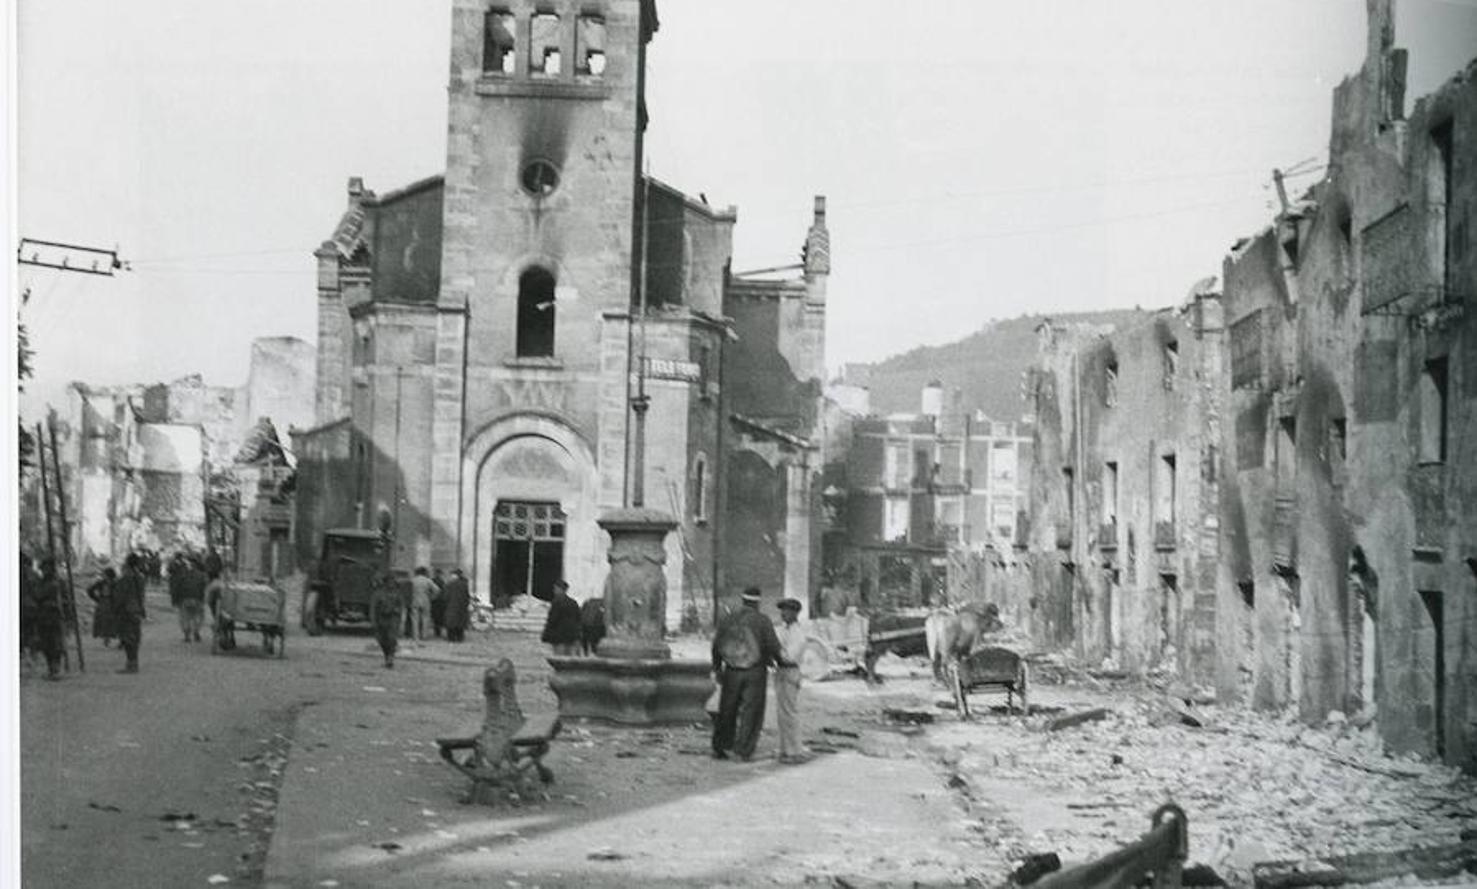 Este miércoles se cumplen 80 años del bombardeo de la Legión Cóndor alemana y la Aviación Legionaria italiana al municipio vizcaíno de Guernica